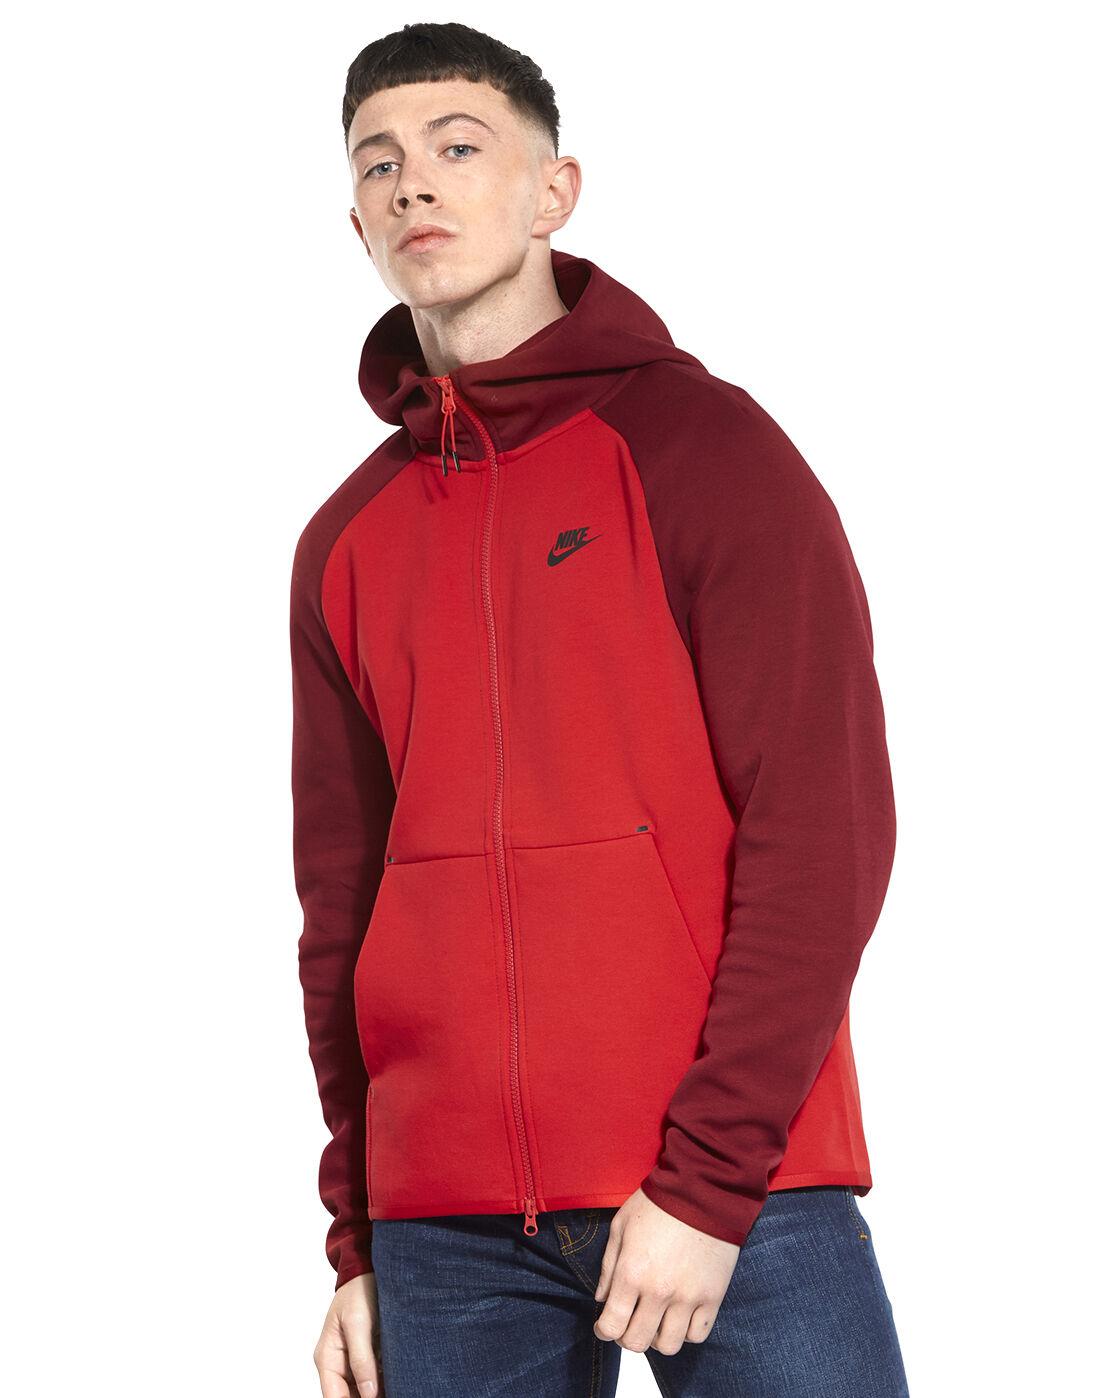 nike fleece red